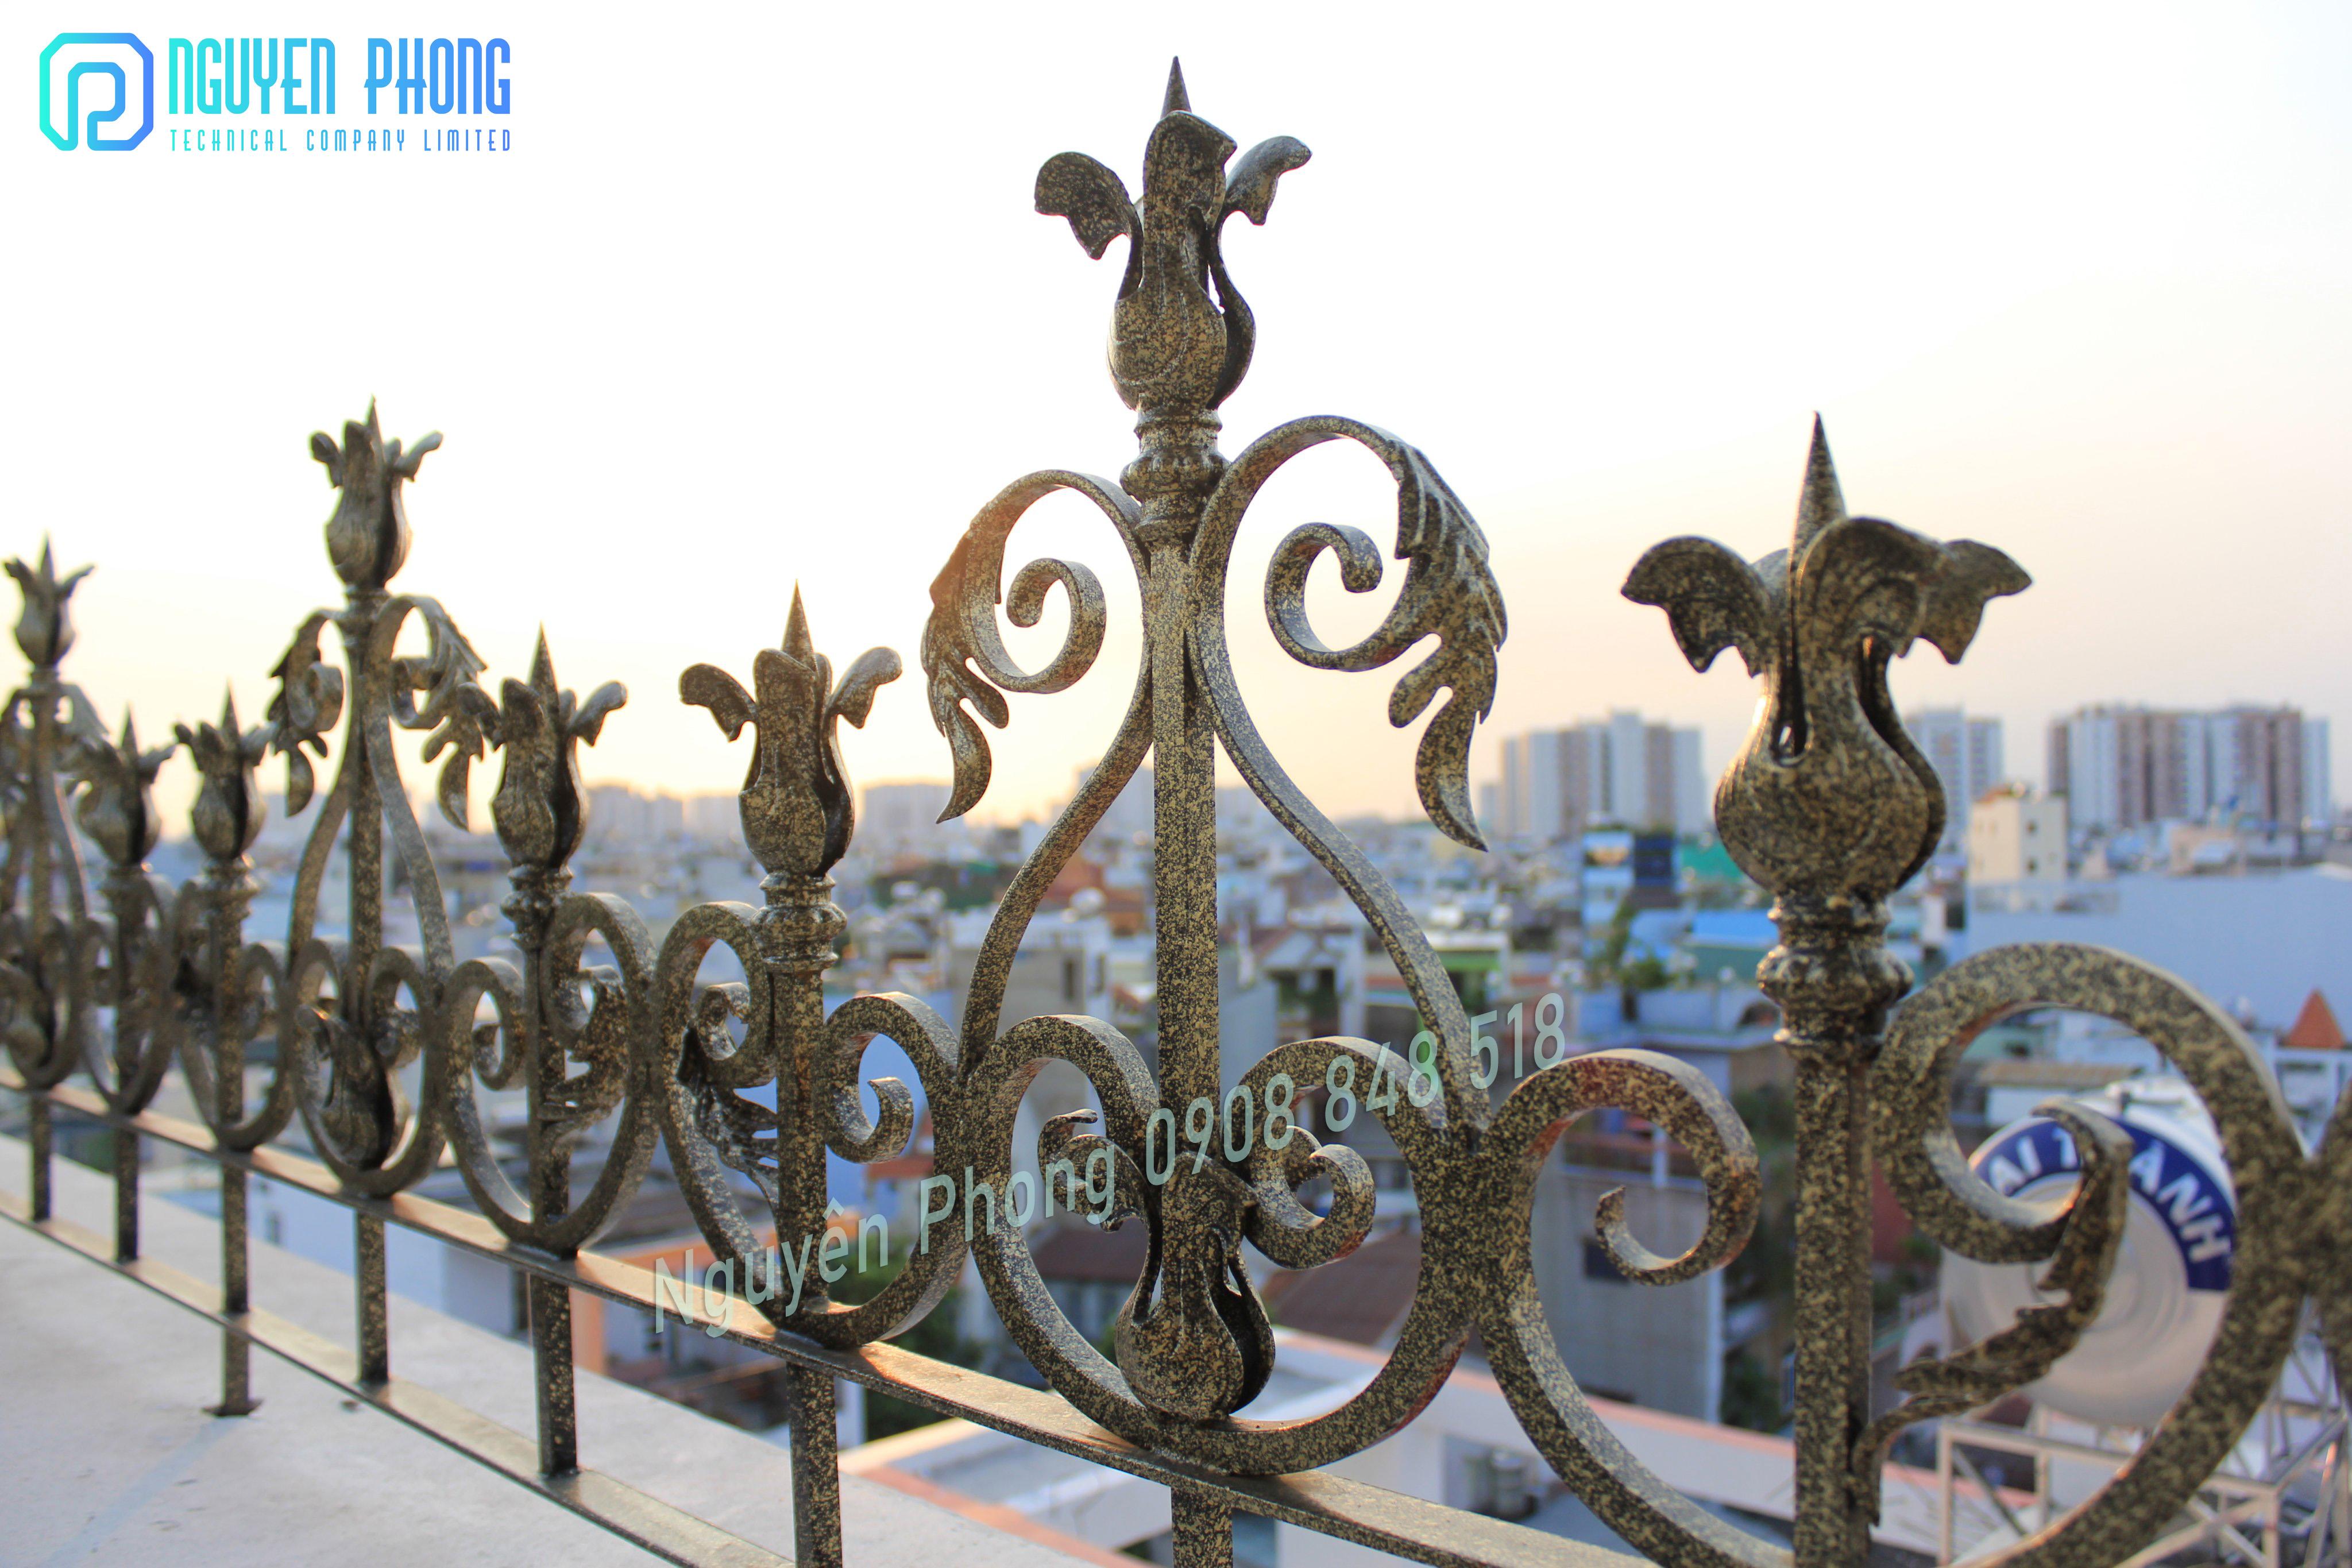 Thiết kế, gia công, thi công hàng rào sắt uốn nghệ thuật cao cấp cho biệt thự, villa cổ điển